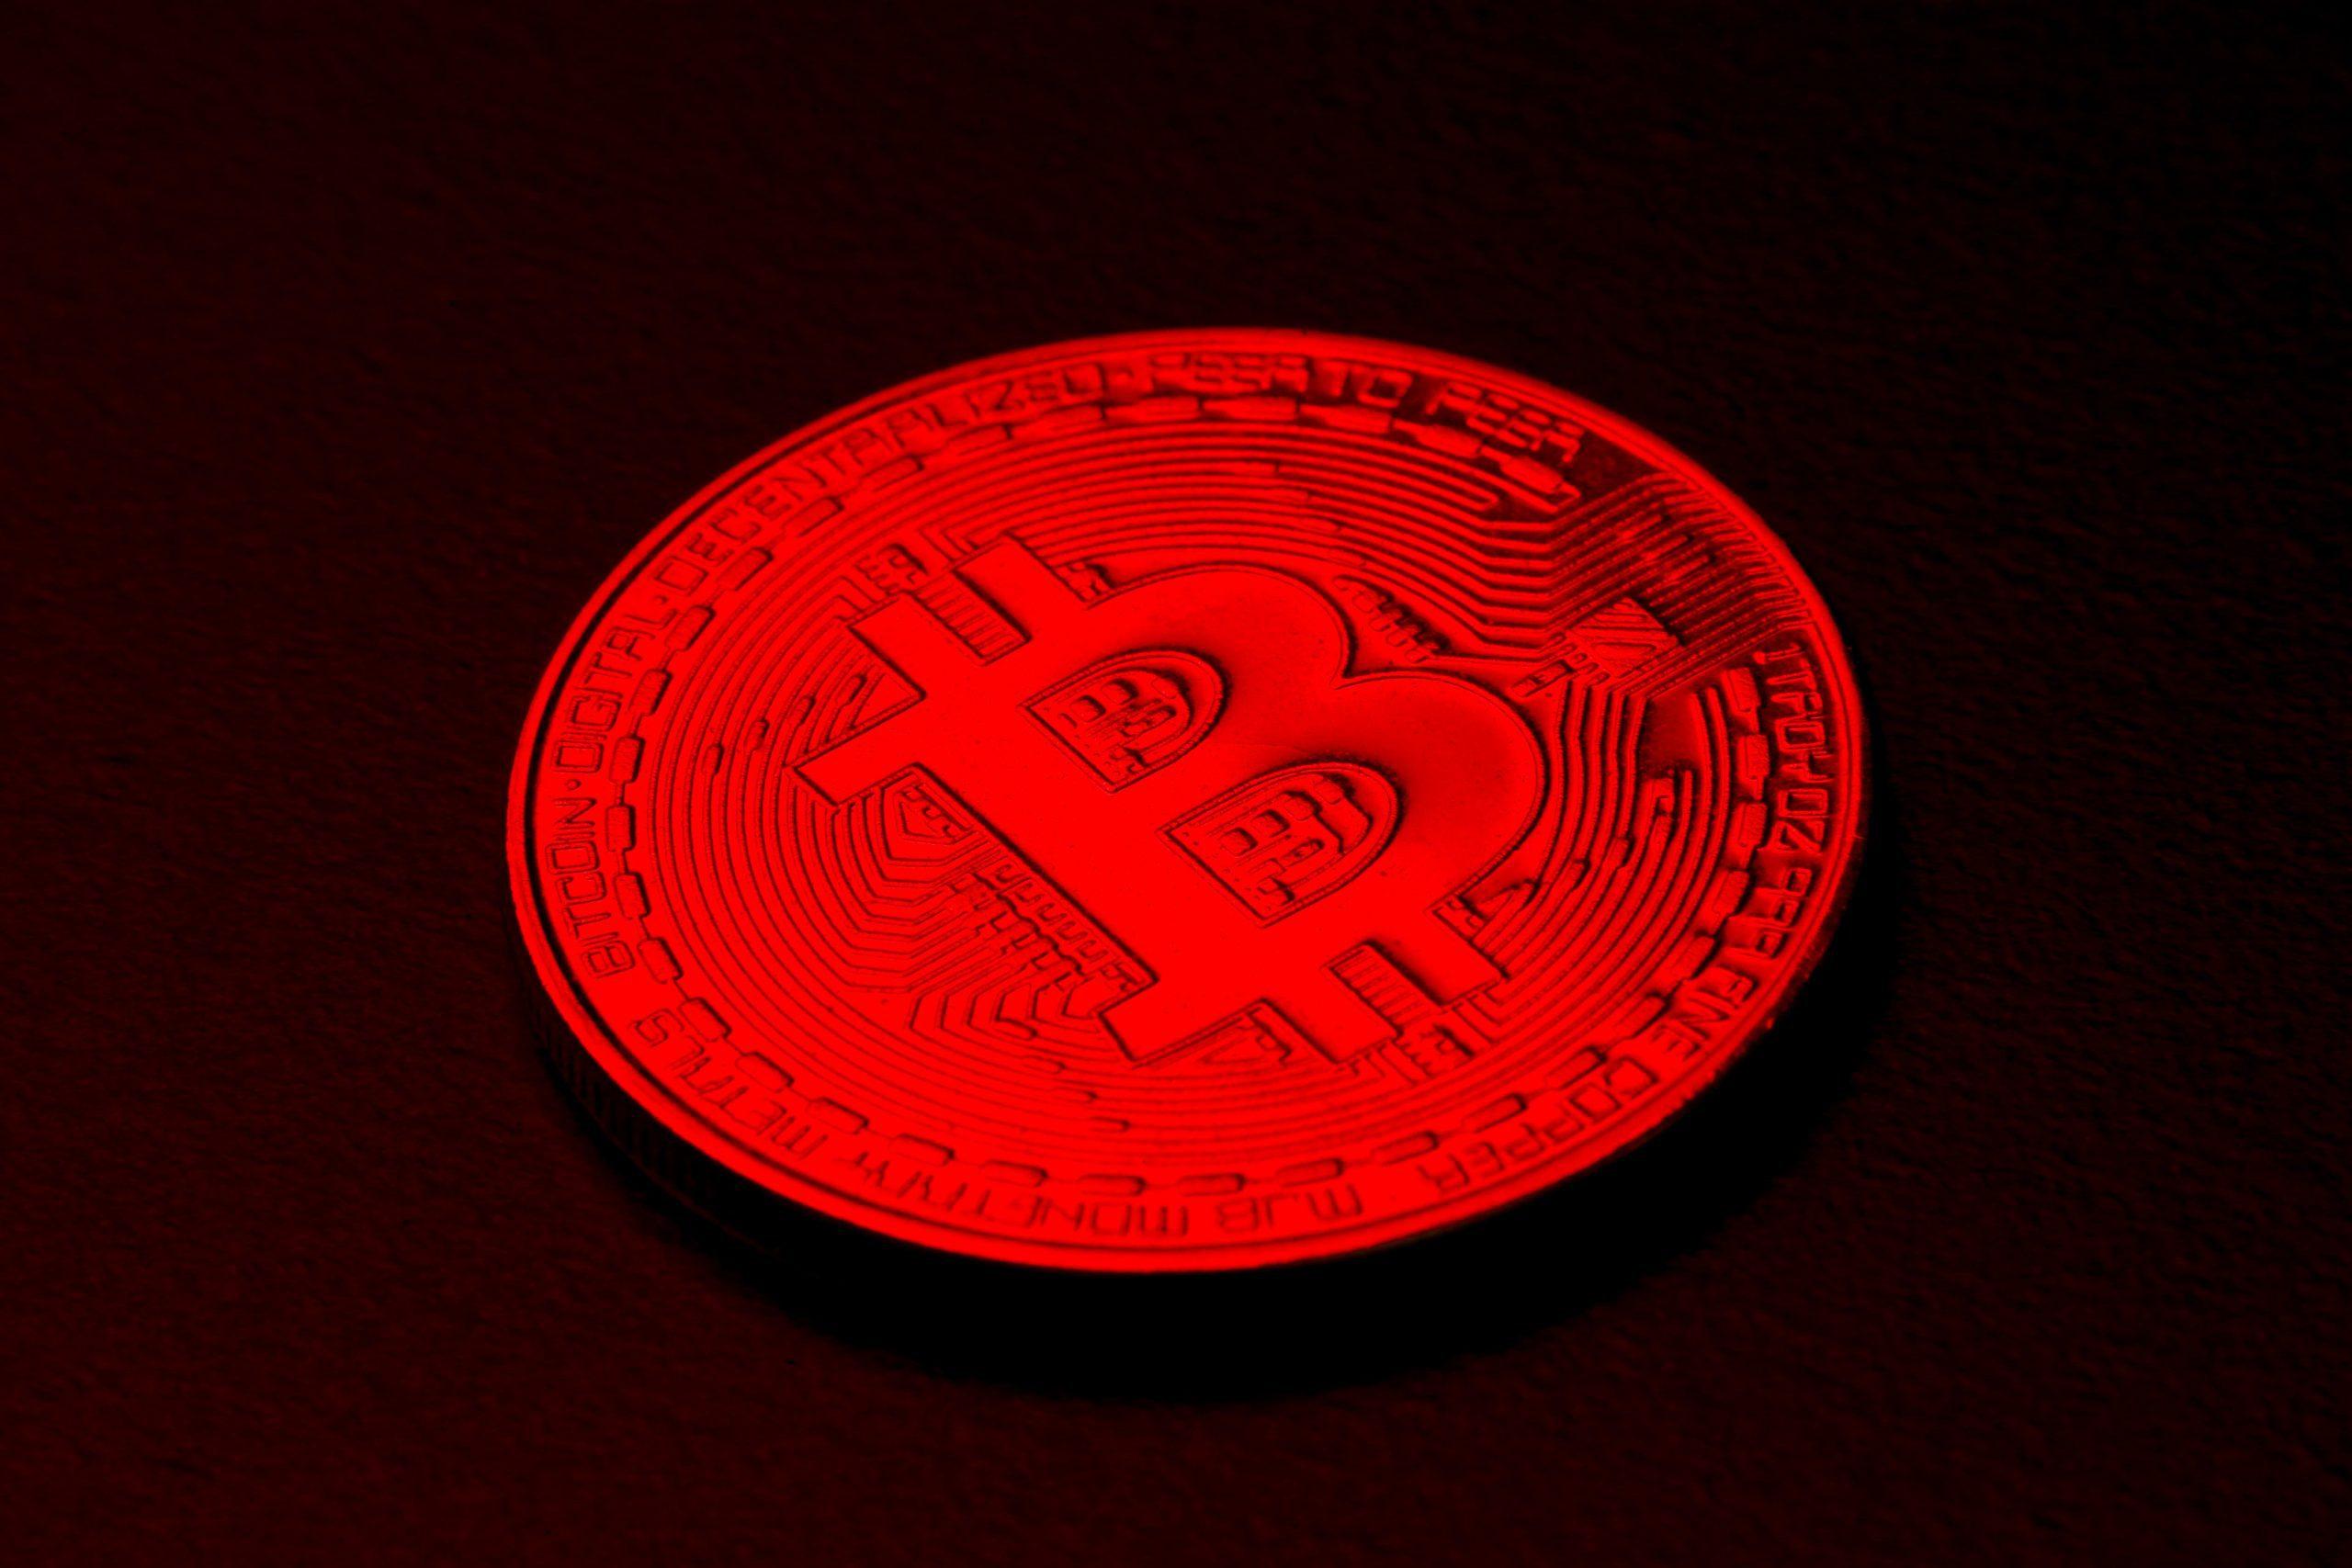 Bitcoin reanuda la venta masiva durante el fin de semana, cae brevemente por debajo de los $ 33,000